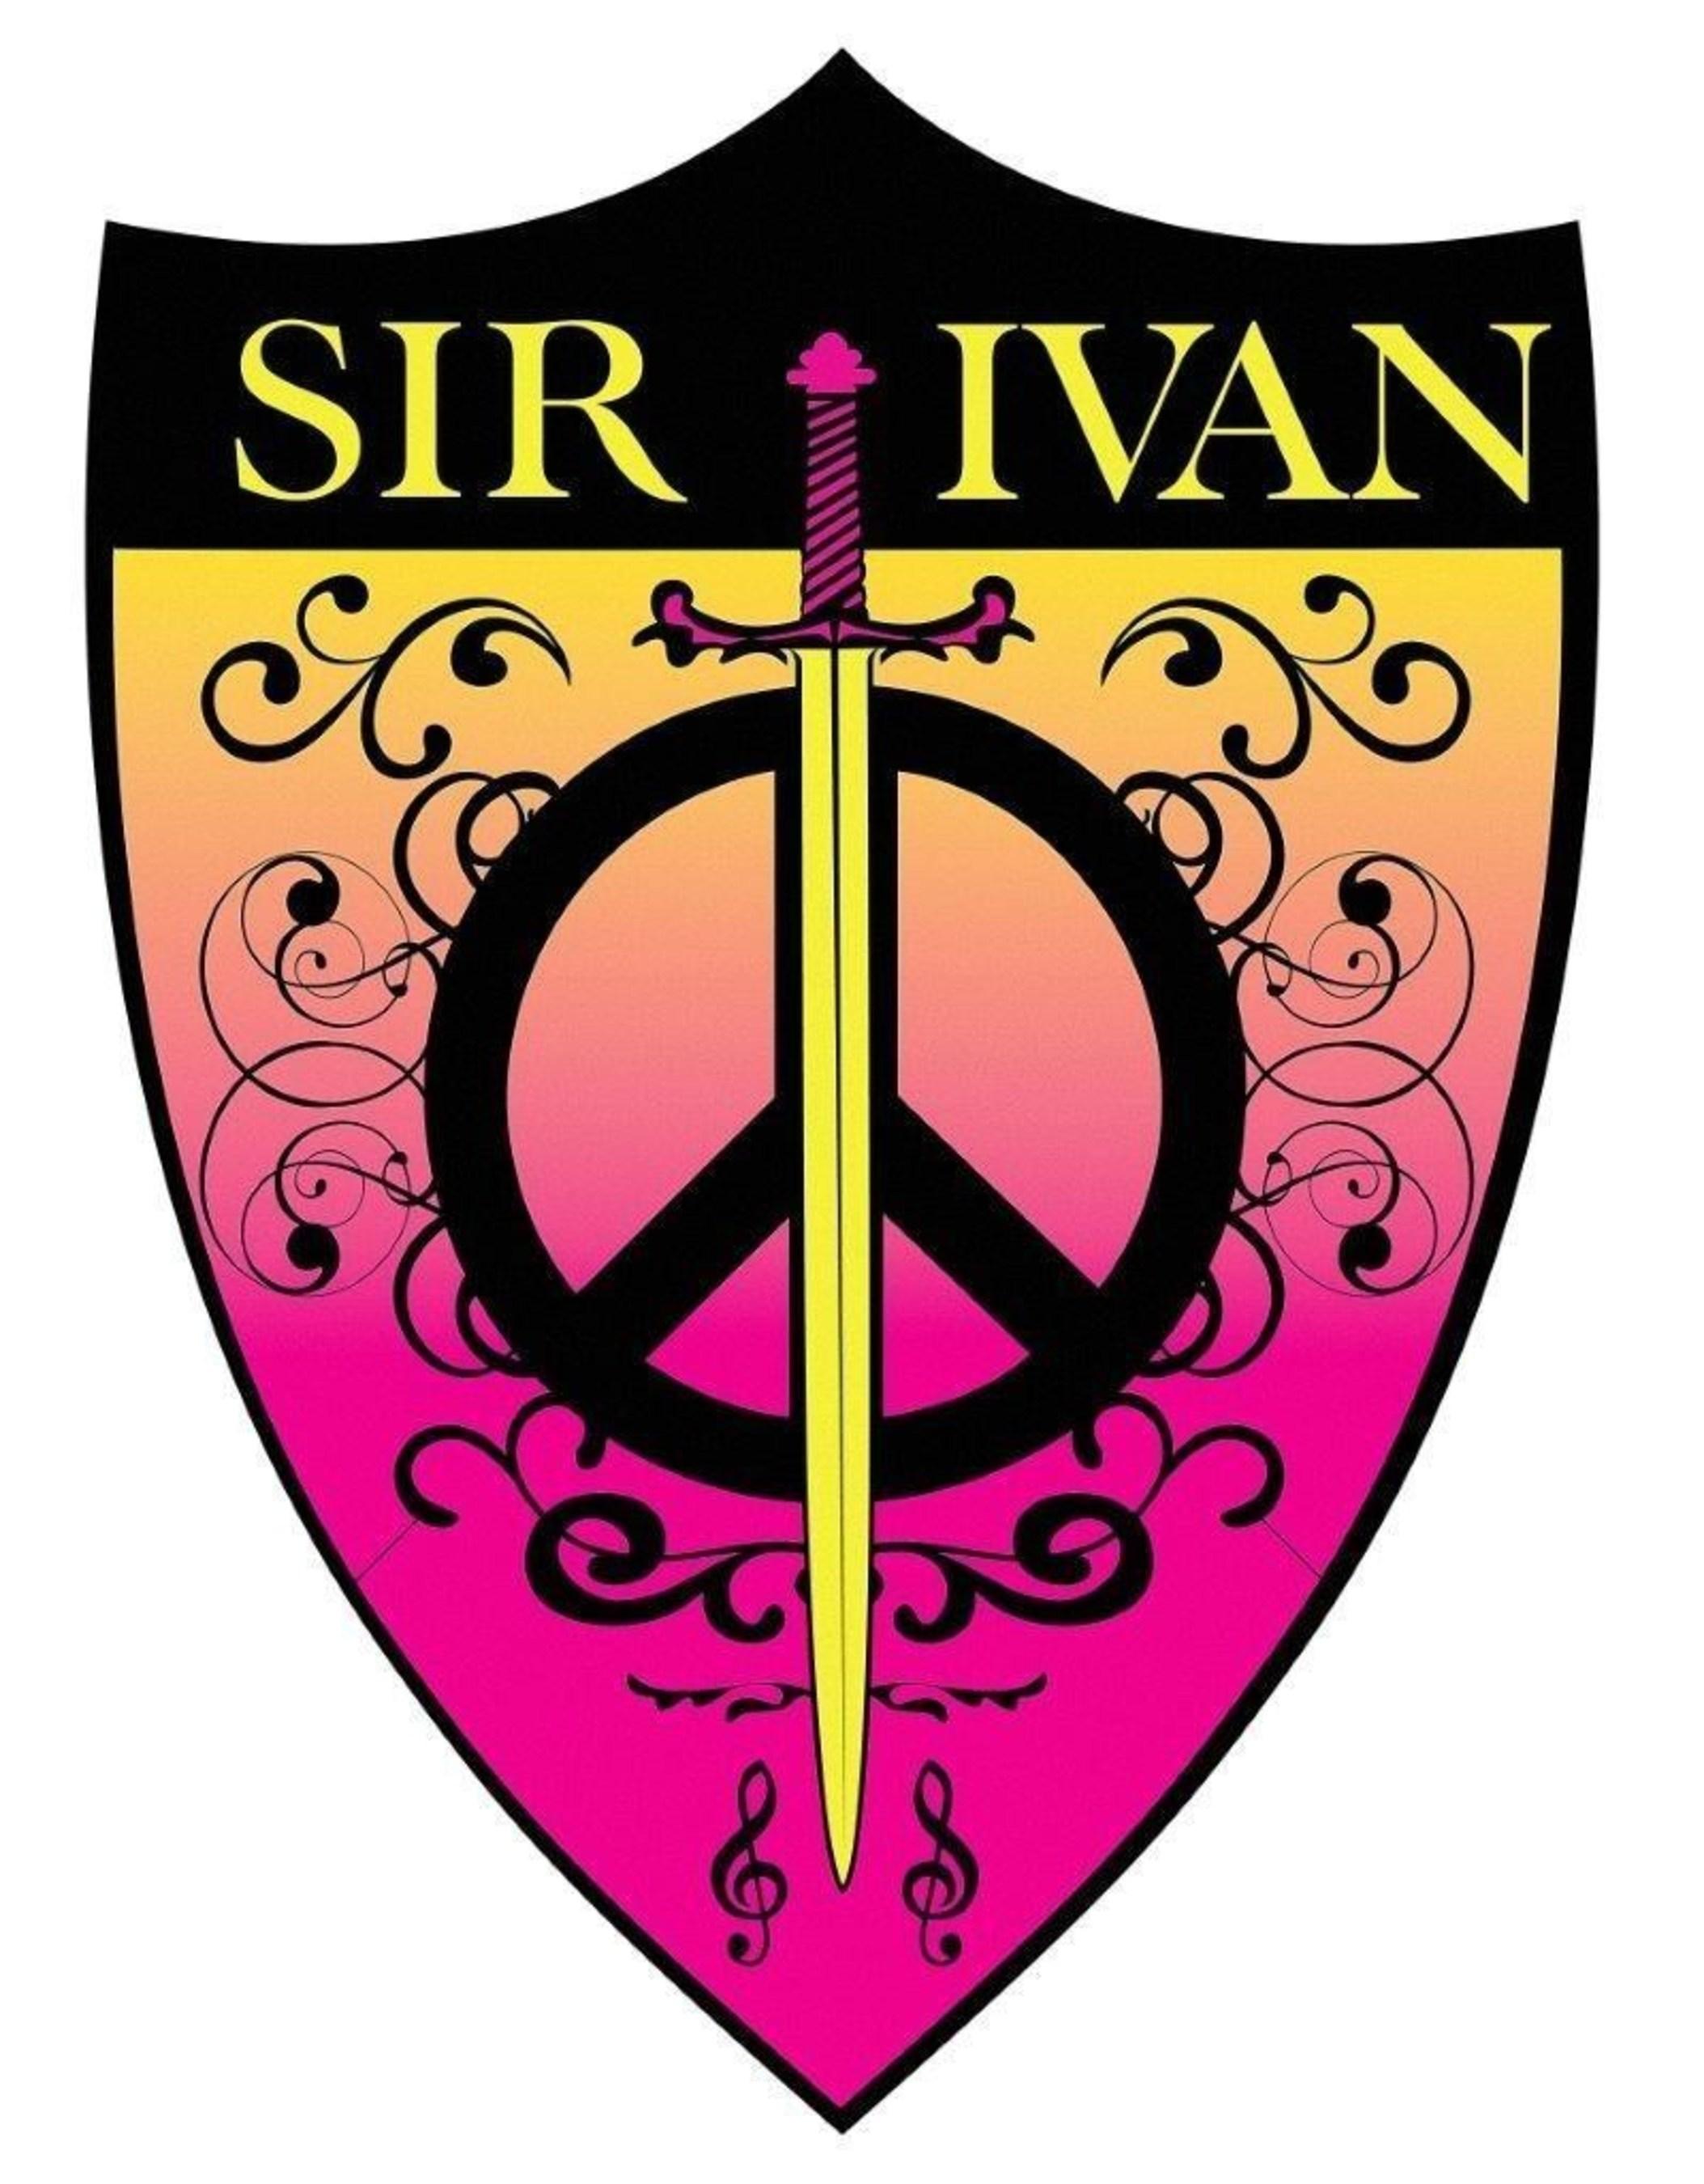 SIR IVAN'S CREST